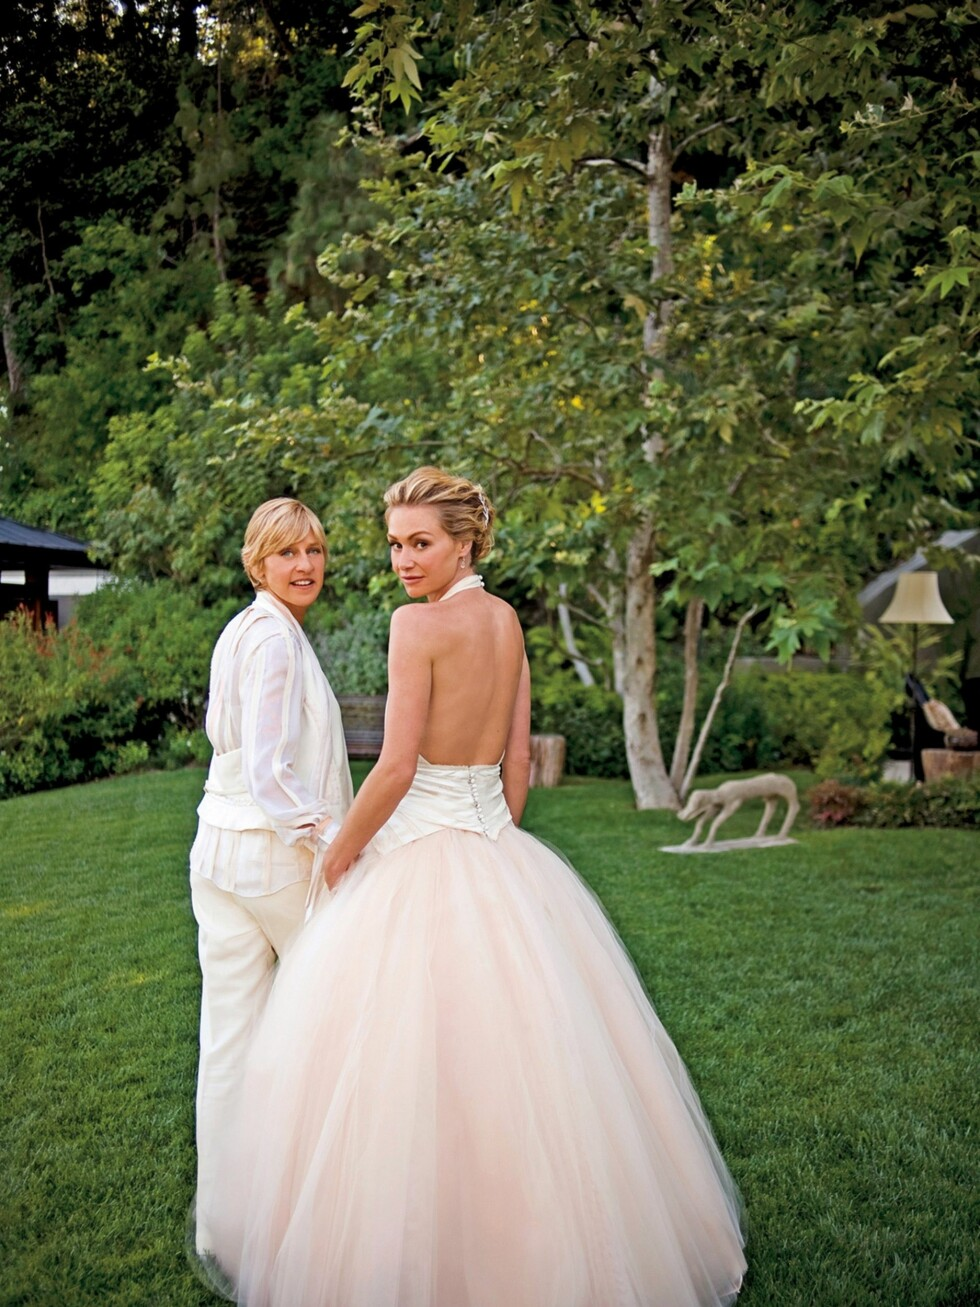 Komiker Ellen DeGeneres og skuespiller Portia de Rossi avbildet i sitt bryllup i 2008.  Foto: All Over Press